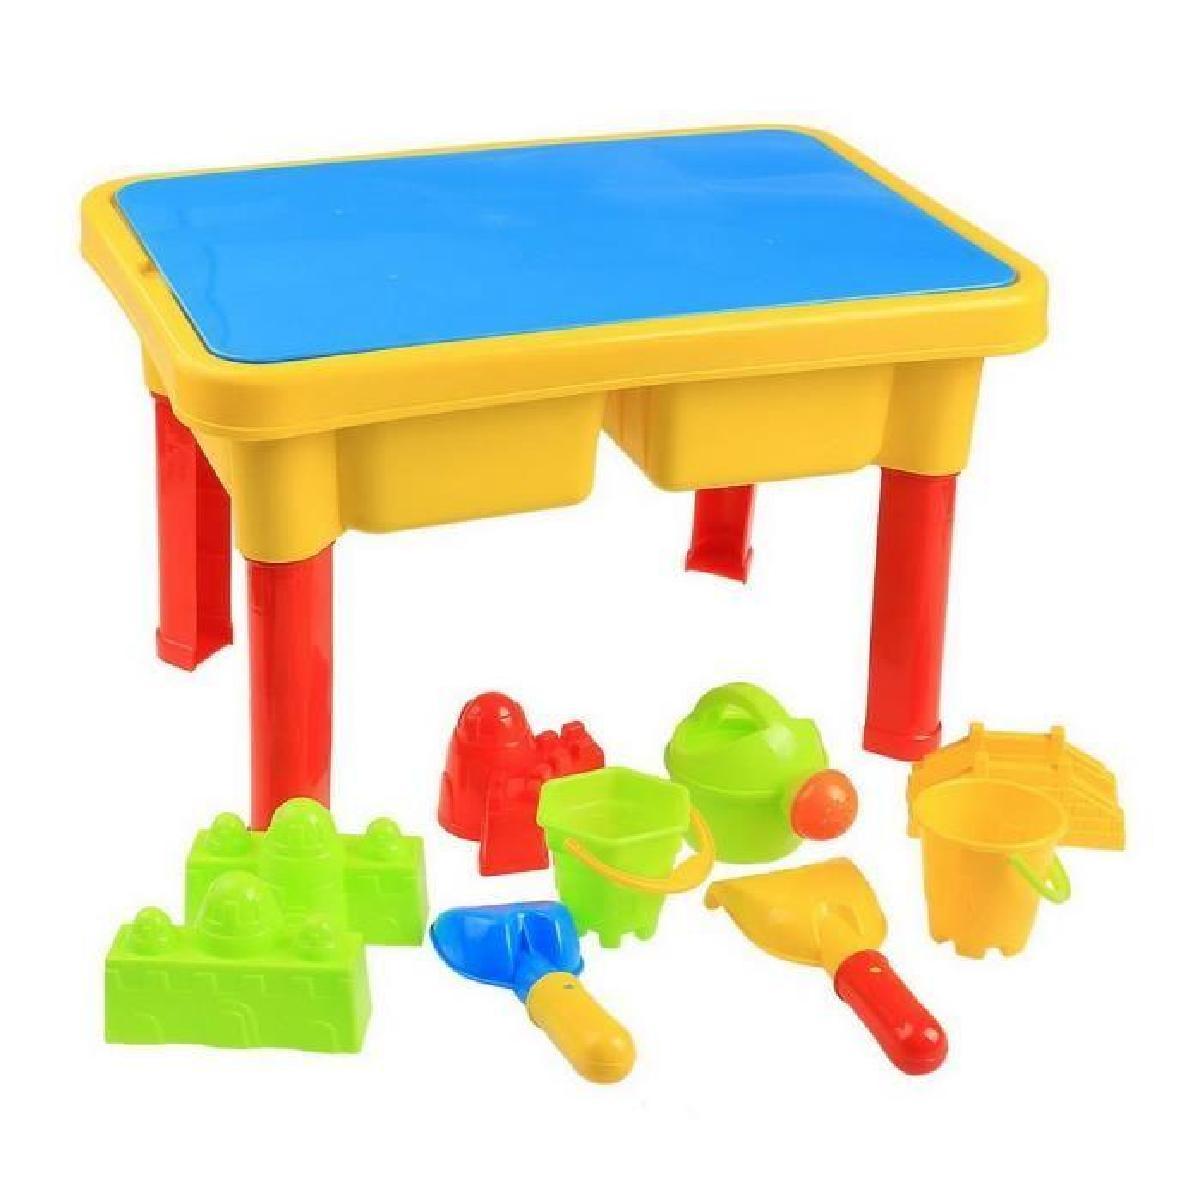 table de plage homdox enfants jeu de plage sable e